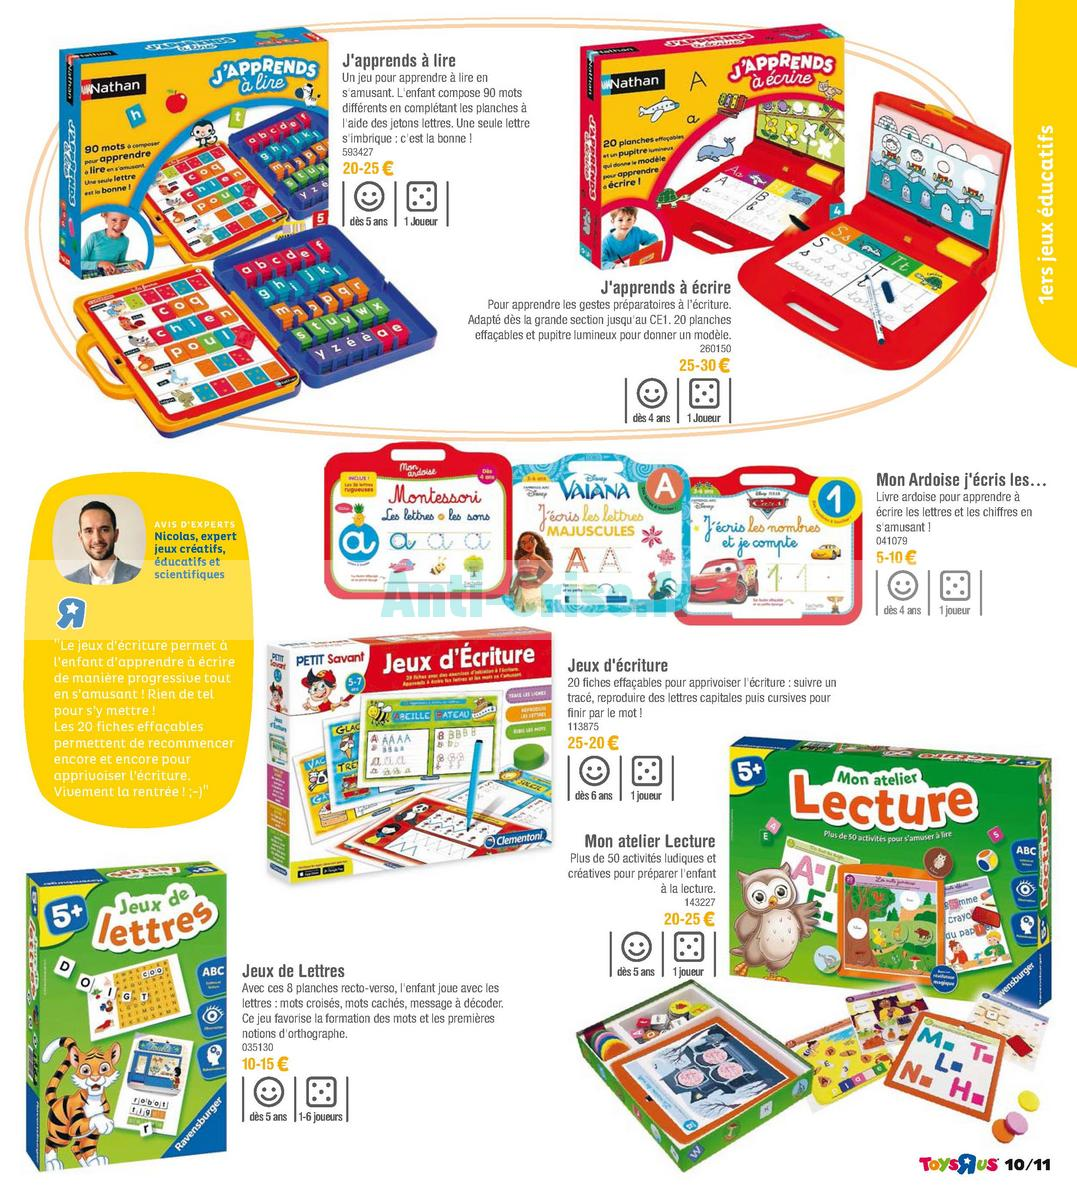 septembre2018 Catalogue Toys R Us du 7 avril au 23 septembre 2018 (Jeux de Société) (11)